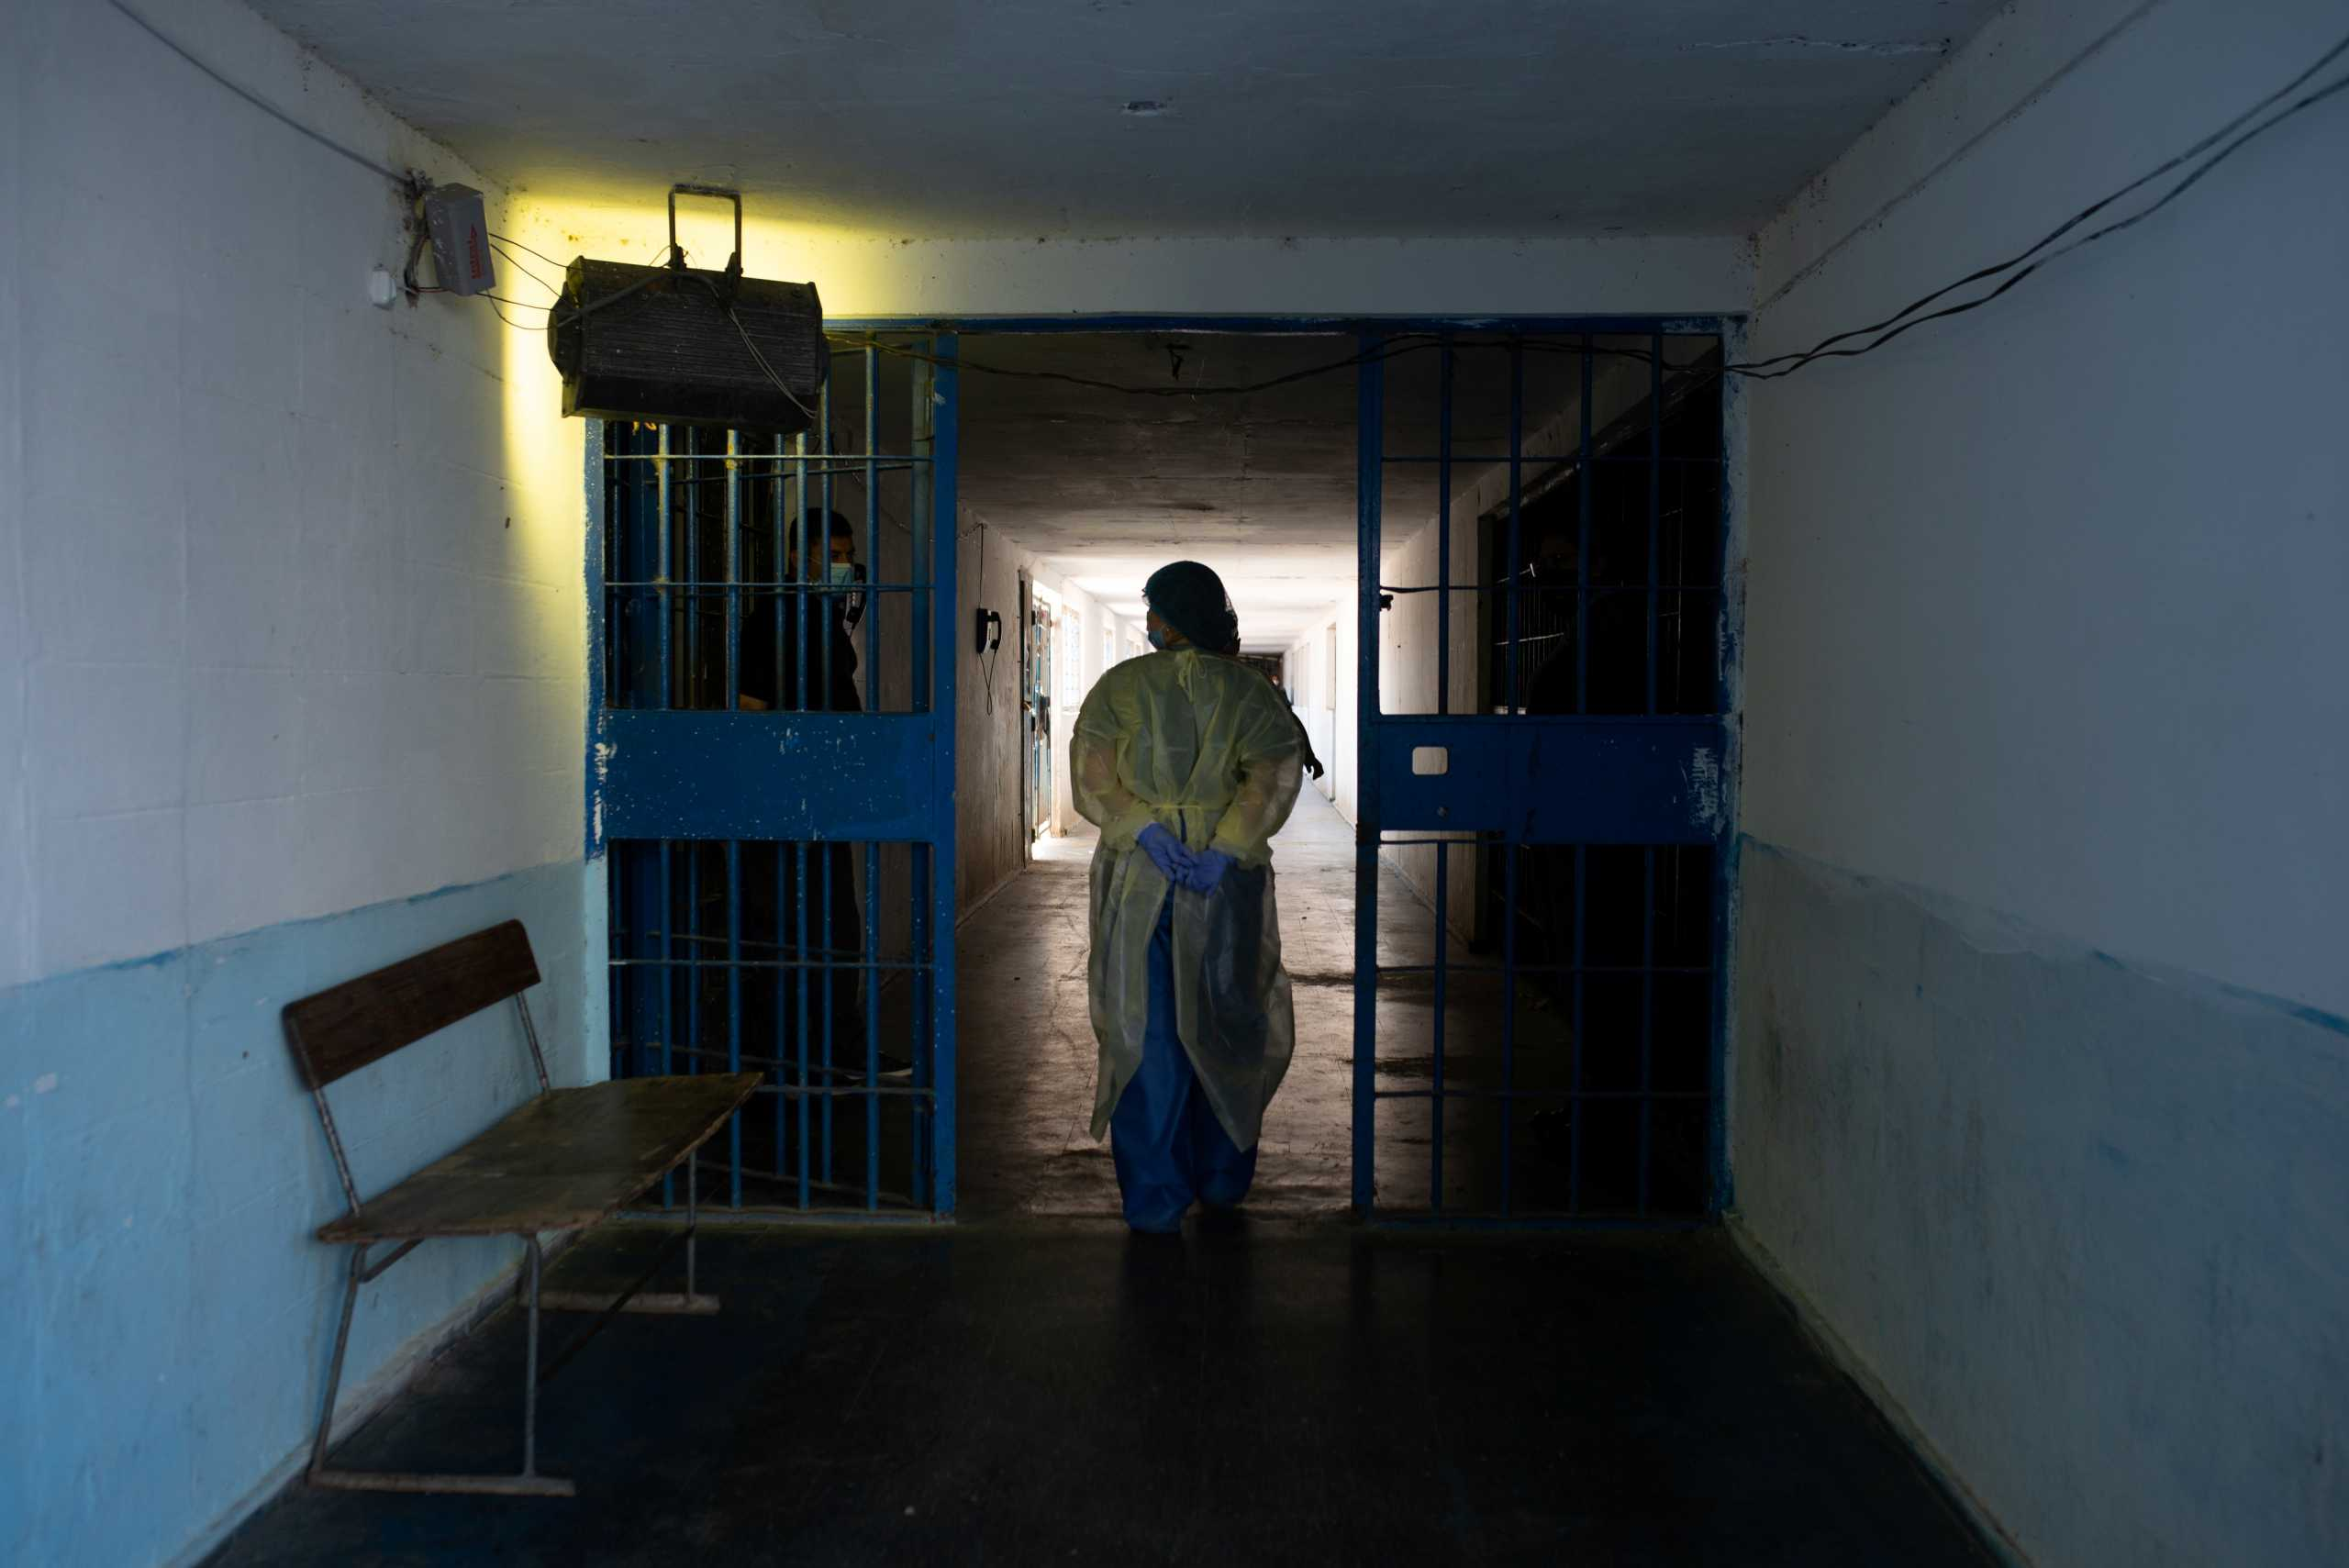 Τραγωδία στην Αλγερία: Οκτώ άνδρες πέθαναν από ασφυξία σε βόθρο φυλακής